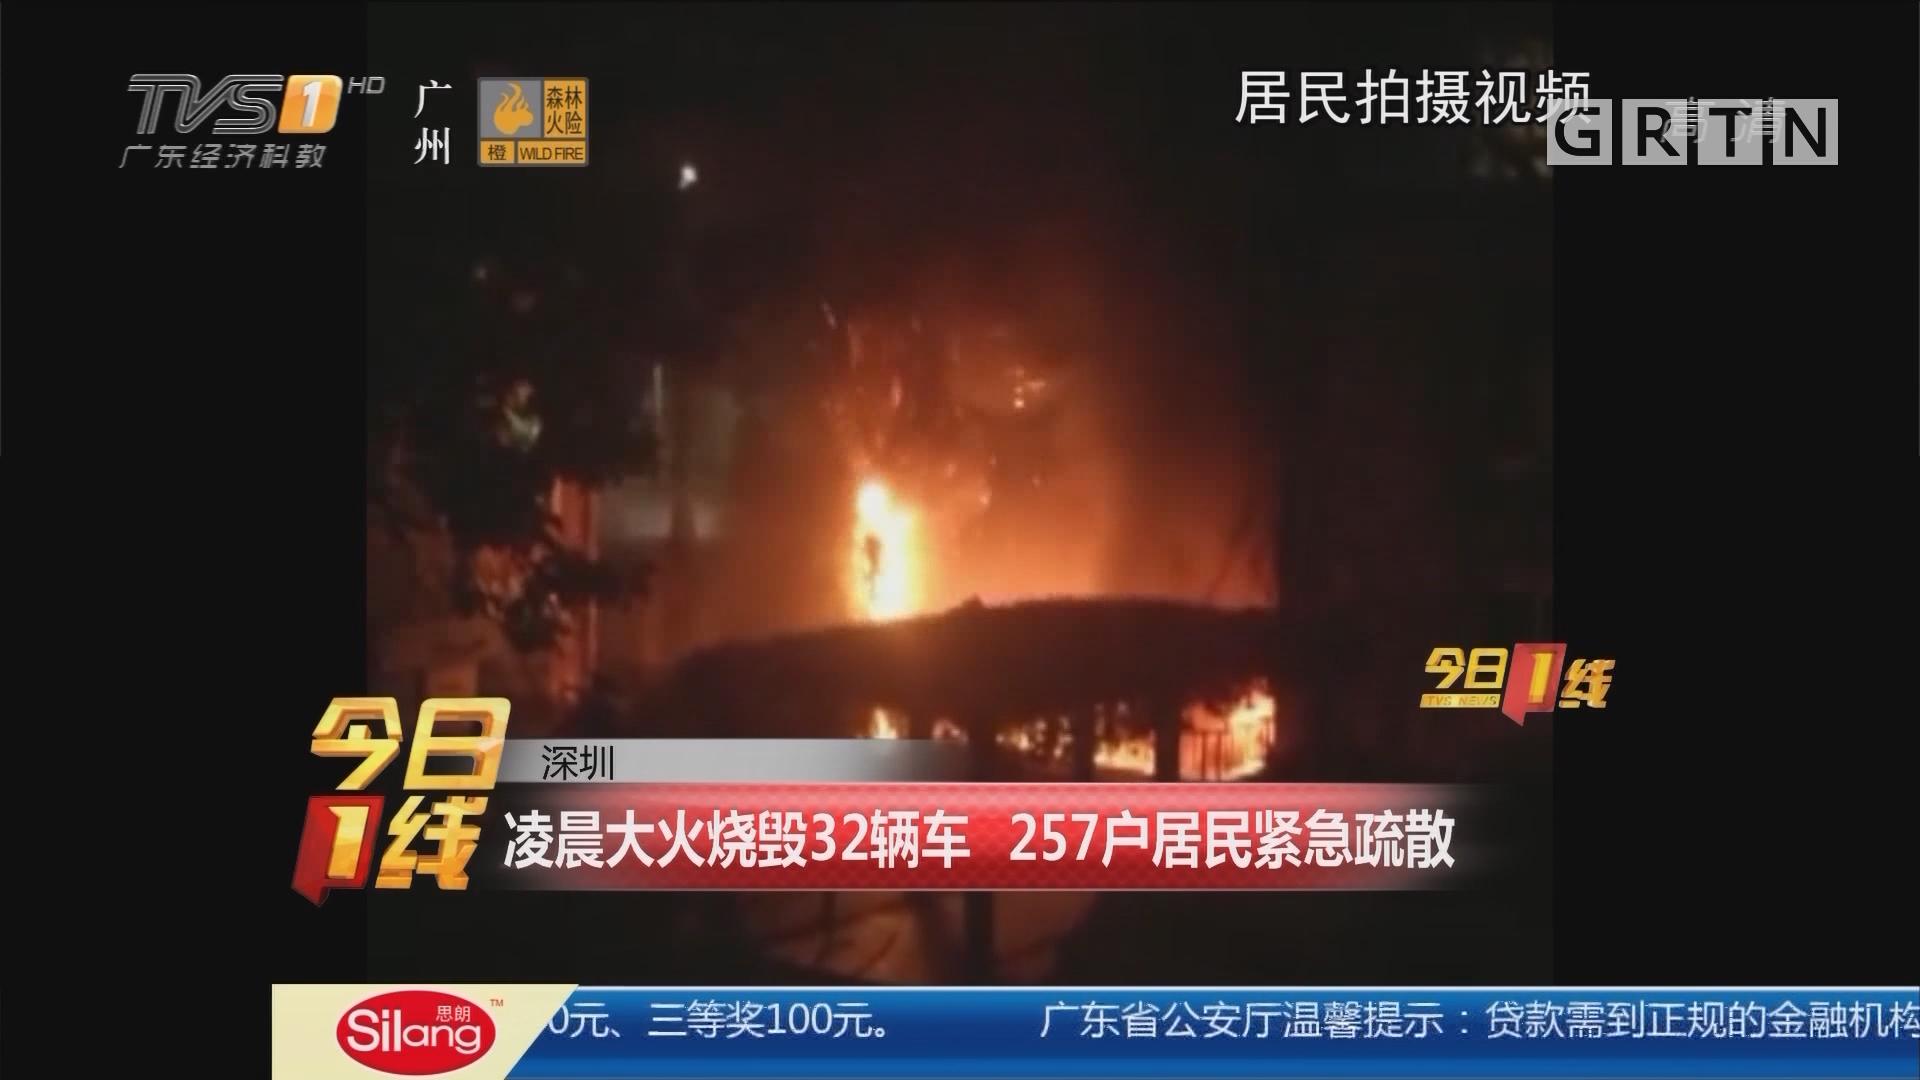 深圳:凌晨大火烧毁32辆车 257户居民紧急疏散